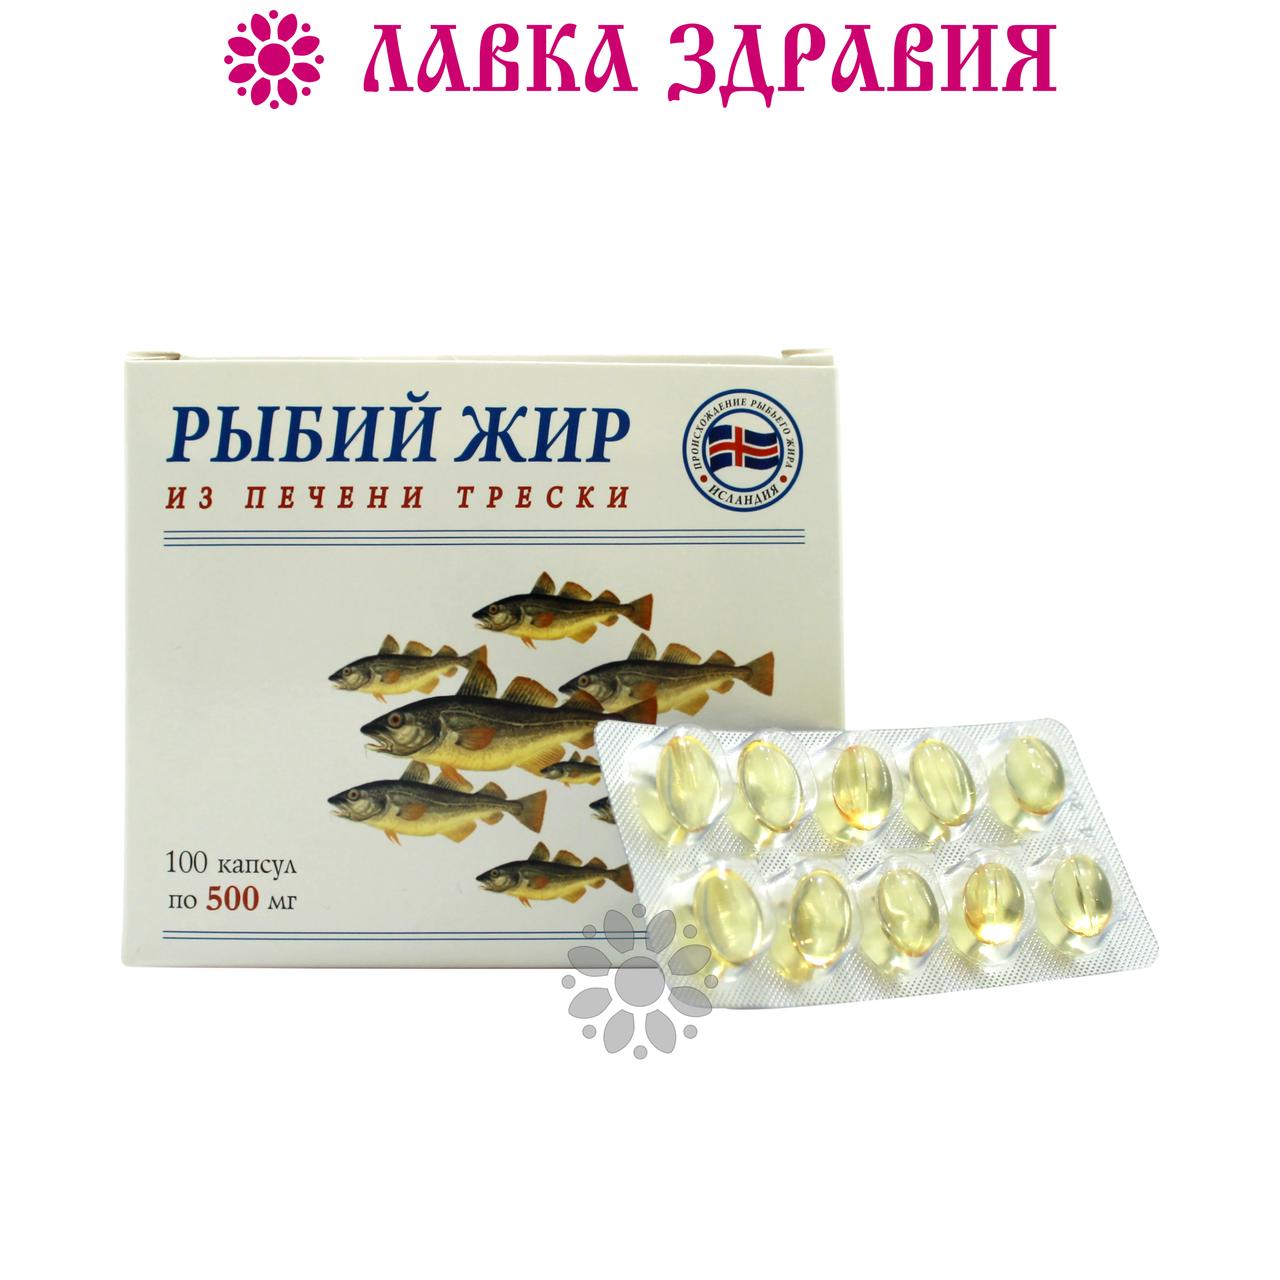 Рыбий жир из печени трески, 100 капсул по 500 мг, Исландия-Украина